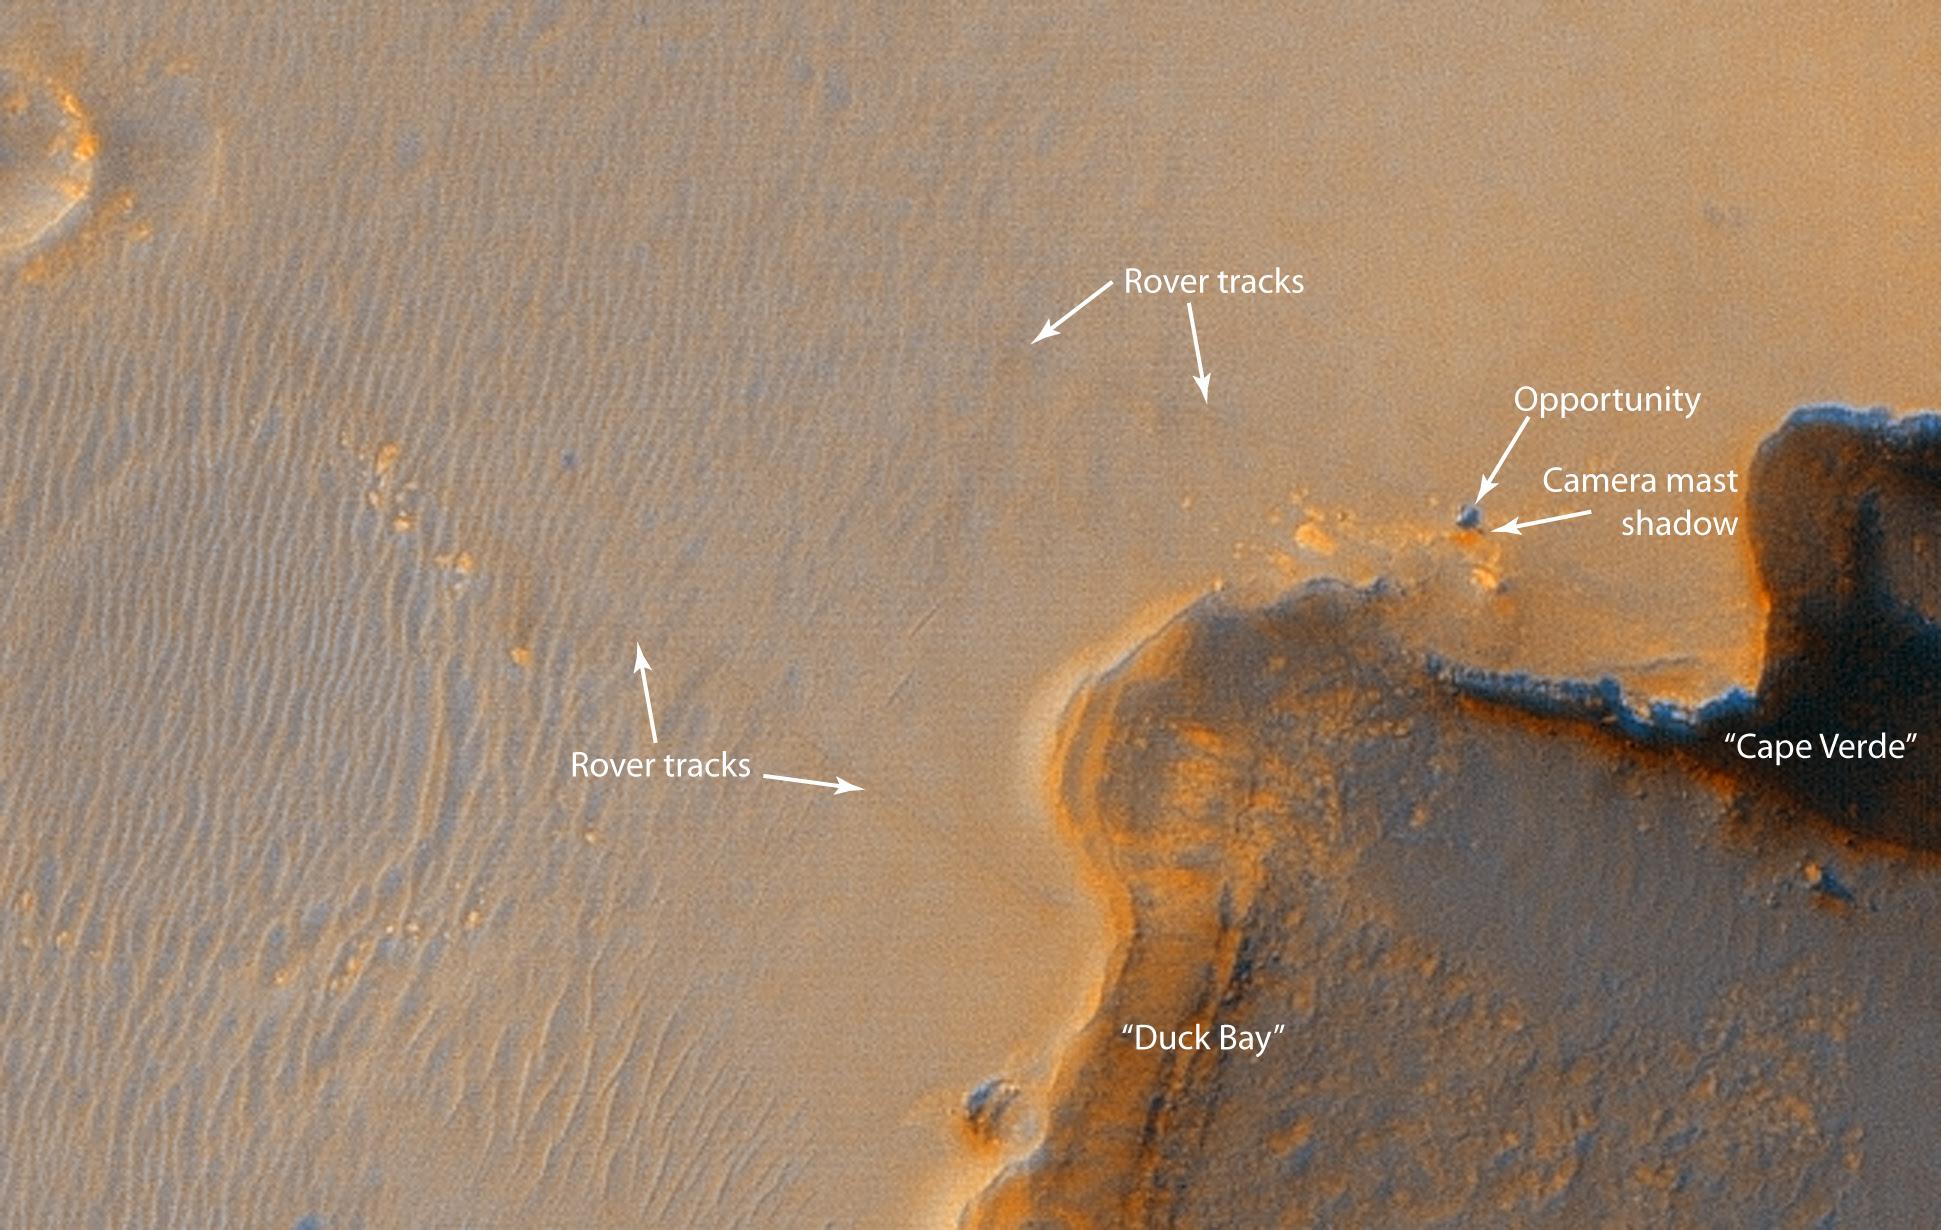 http://mars.jpl.nasa.gov/mro/gallery/press/20061006c/rover-color-close-up2-annot.jpg